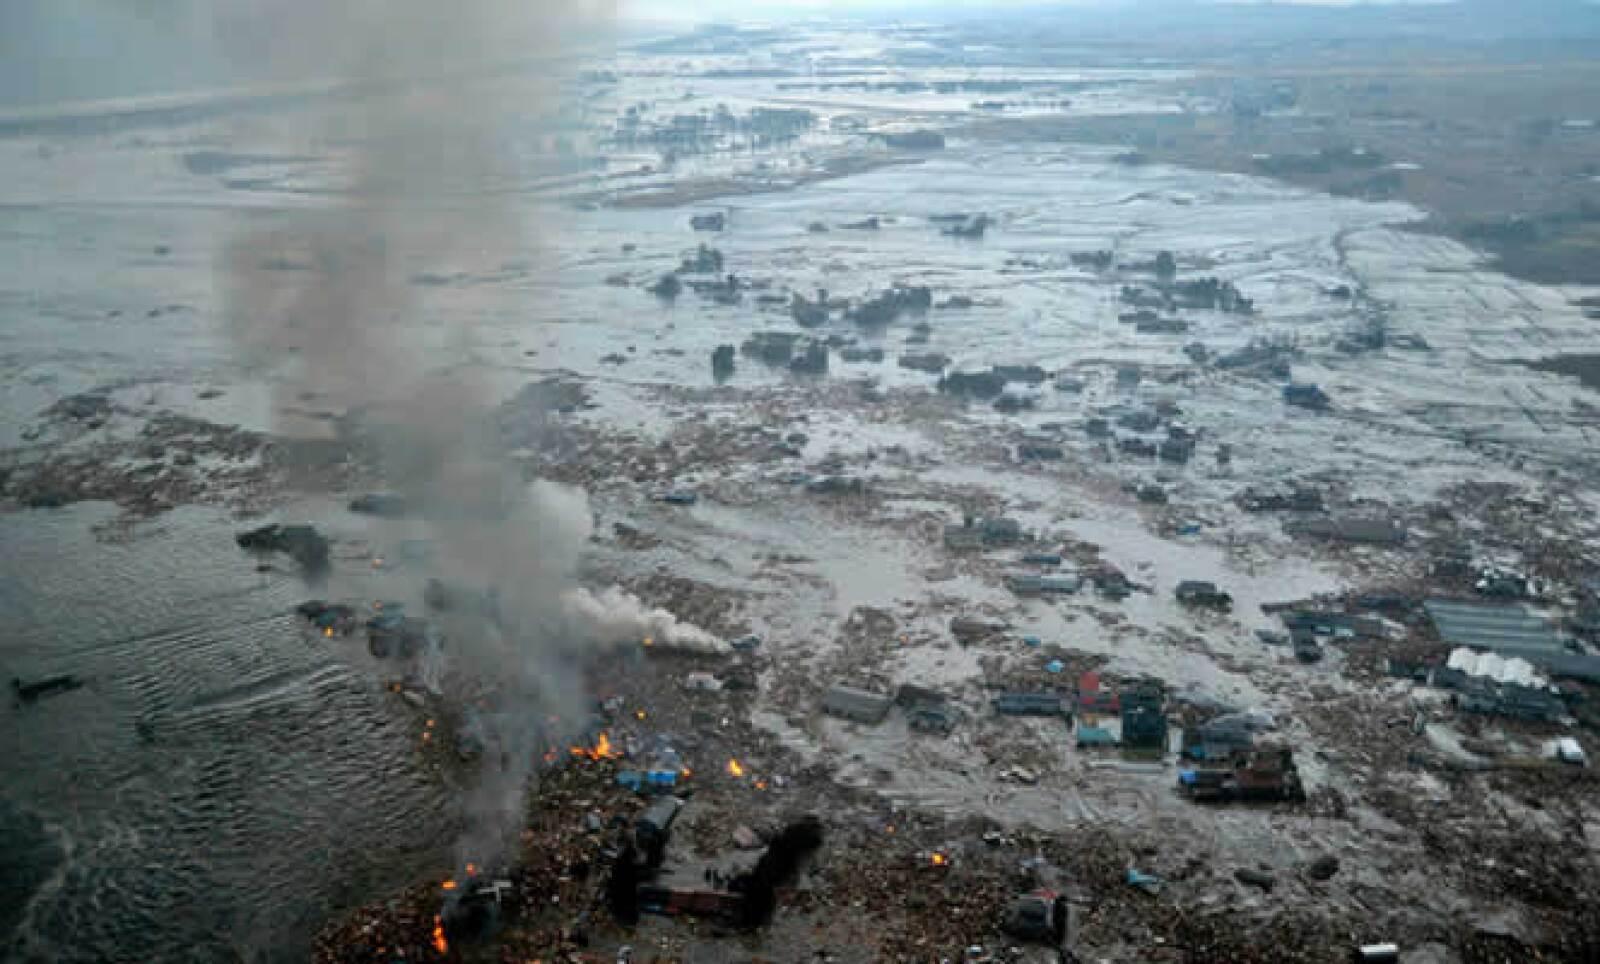 Este es el terremoto más grande en la historia de Japón en los últimos 100 años.